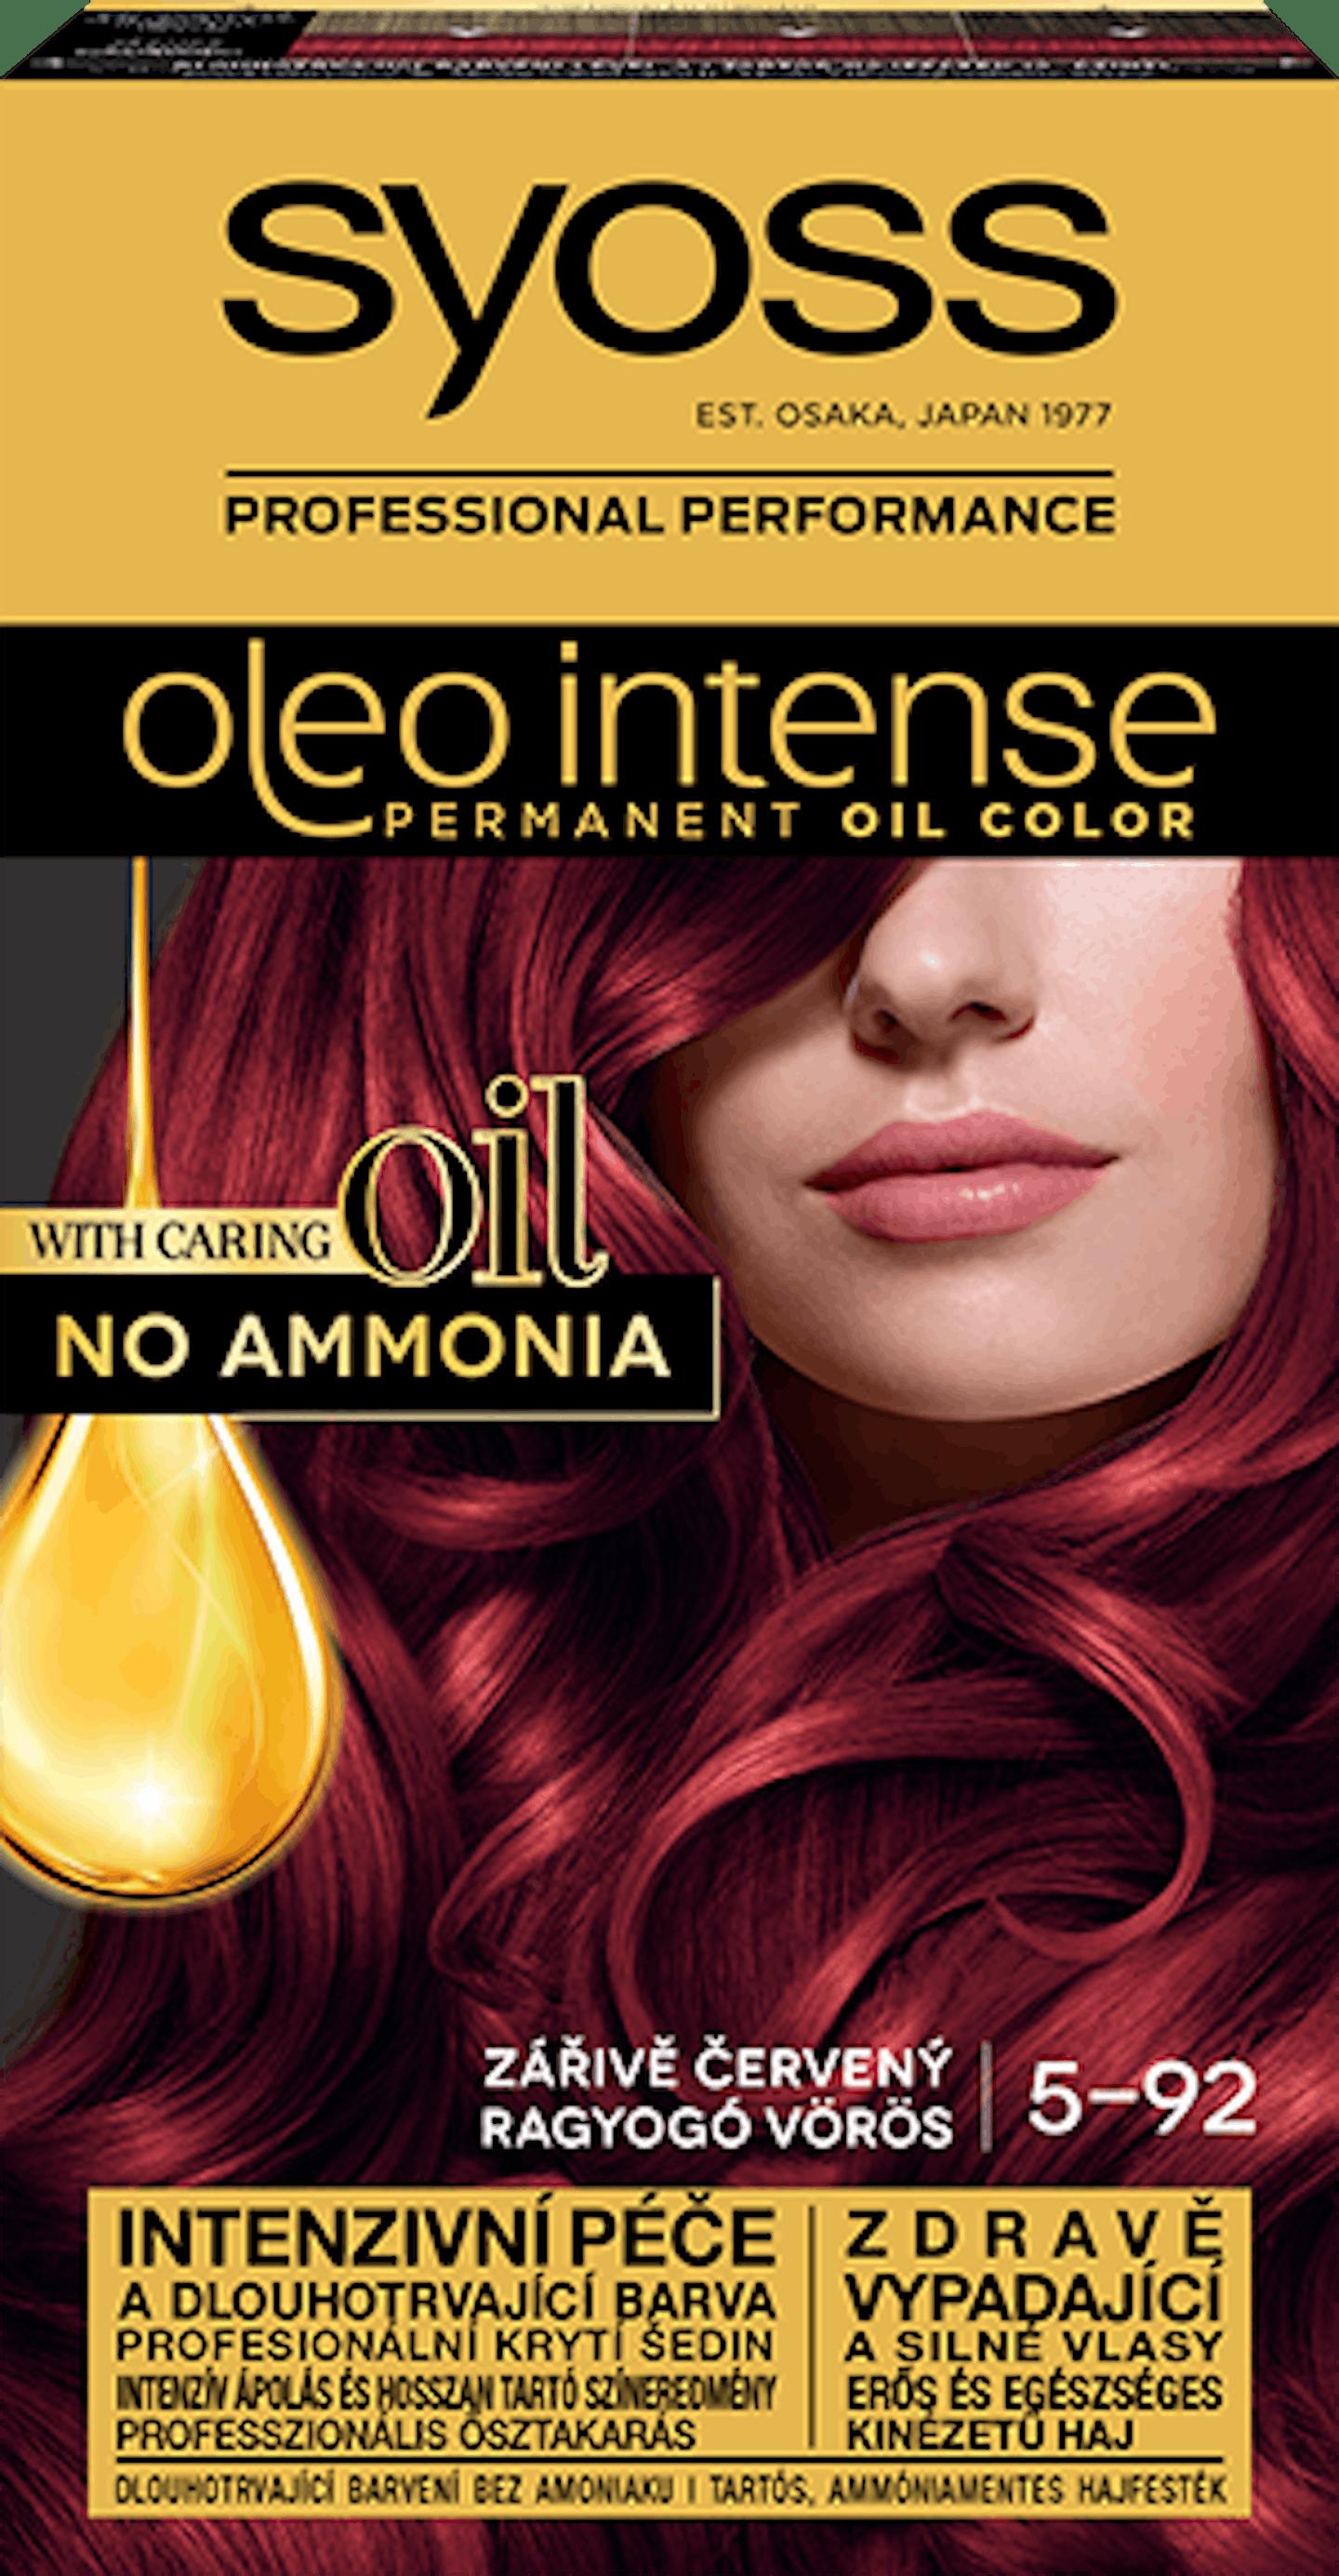 Oleo intense vopsea permanentă cu ulei - nuanta roșcat luminos 5-92